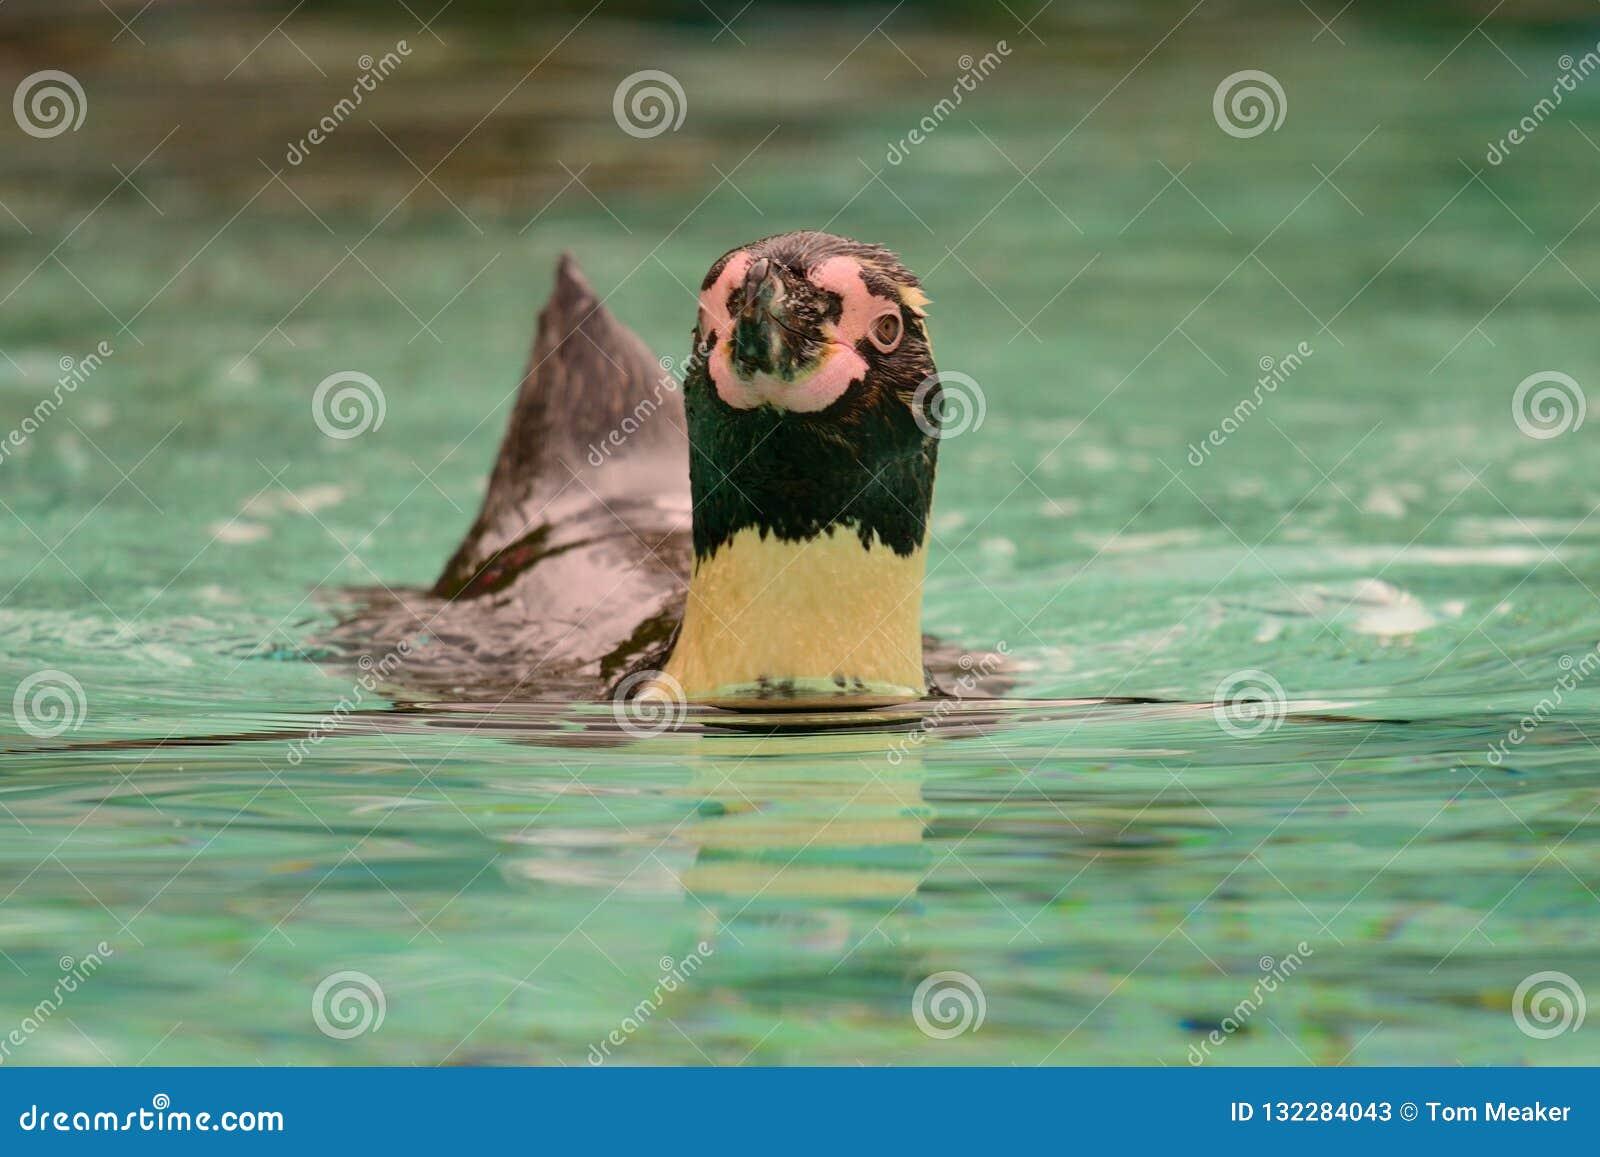 Humboldti dello Spheniscus del pinguino di Humboldt